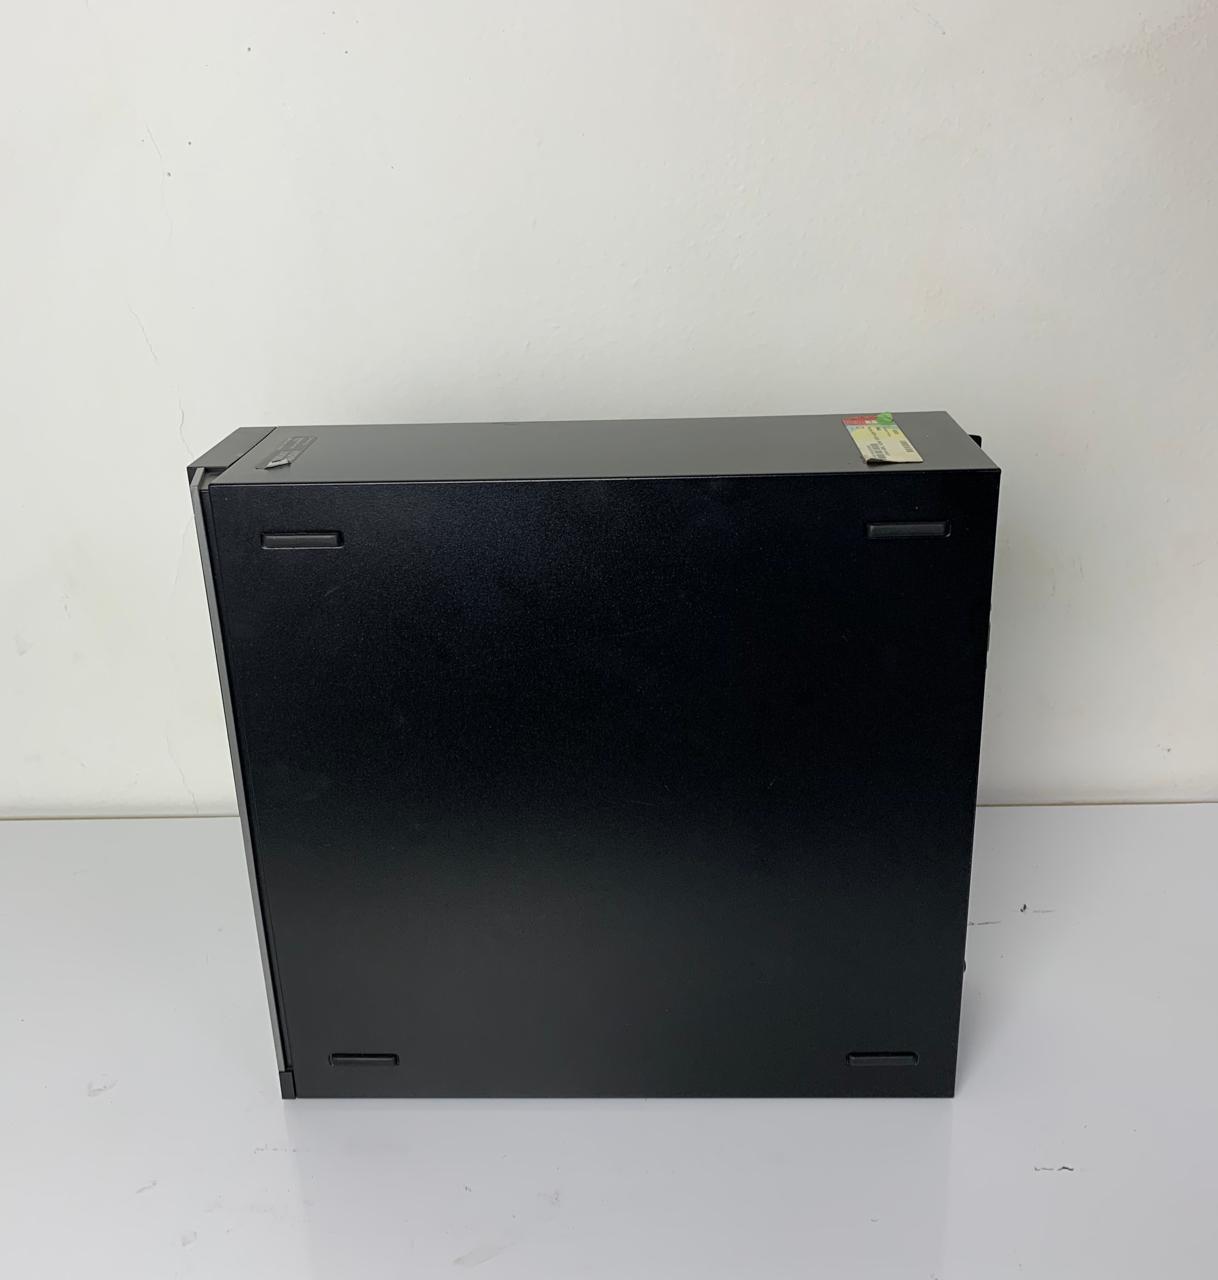 CPU Empresarial Dell Optiplex 3020 Core i3 3.6Ghz 4GB HD-500GB